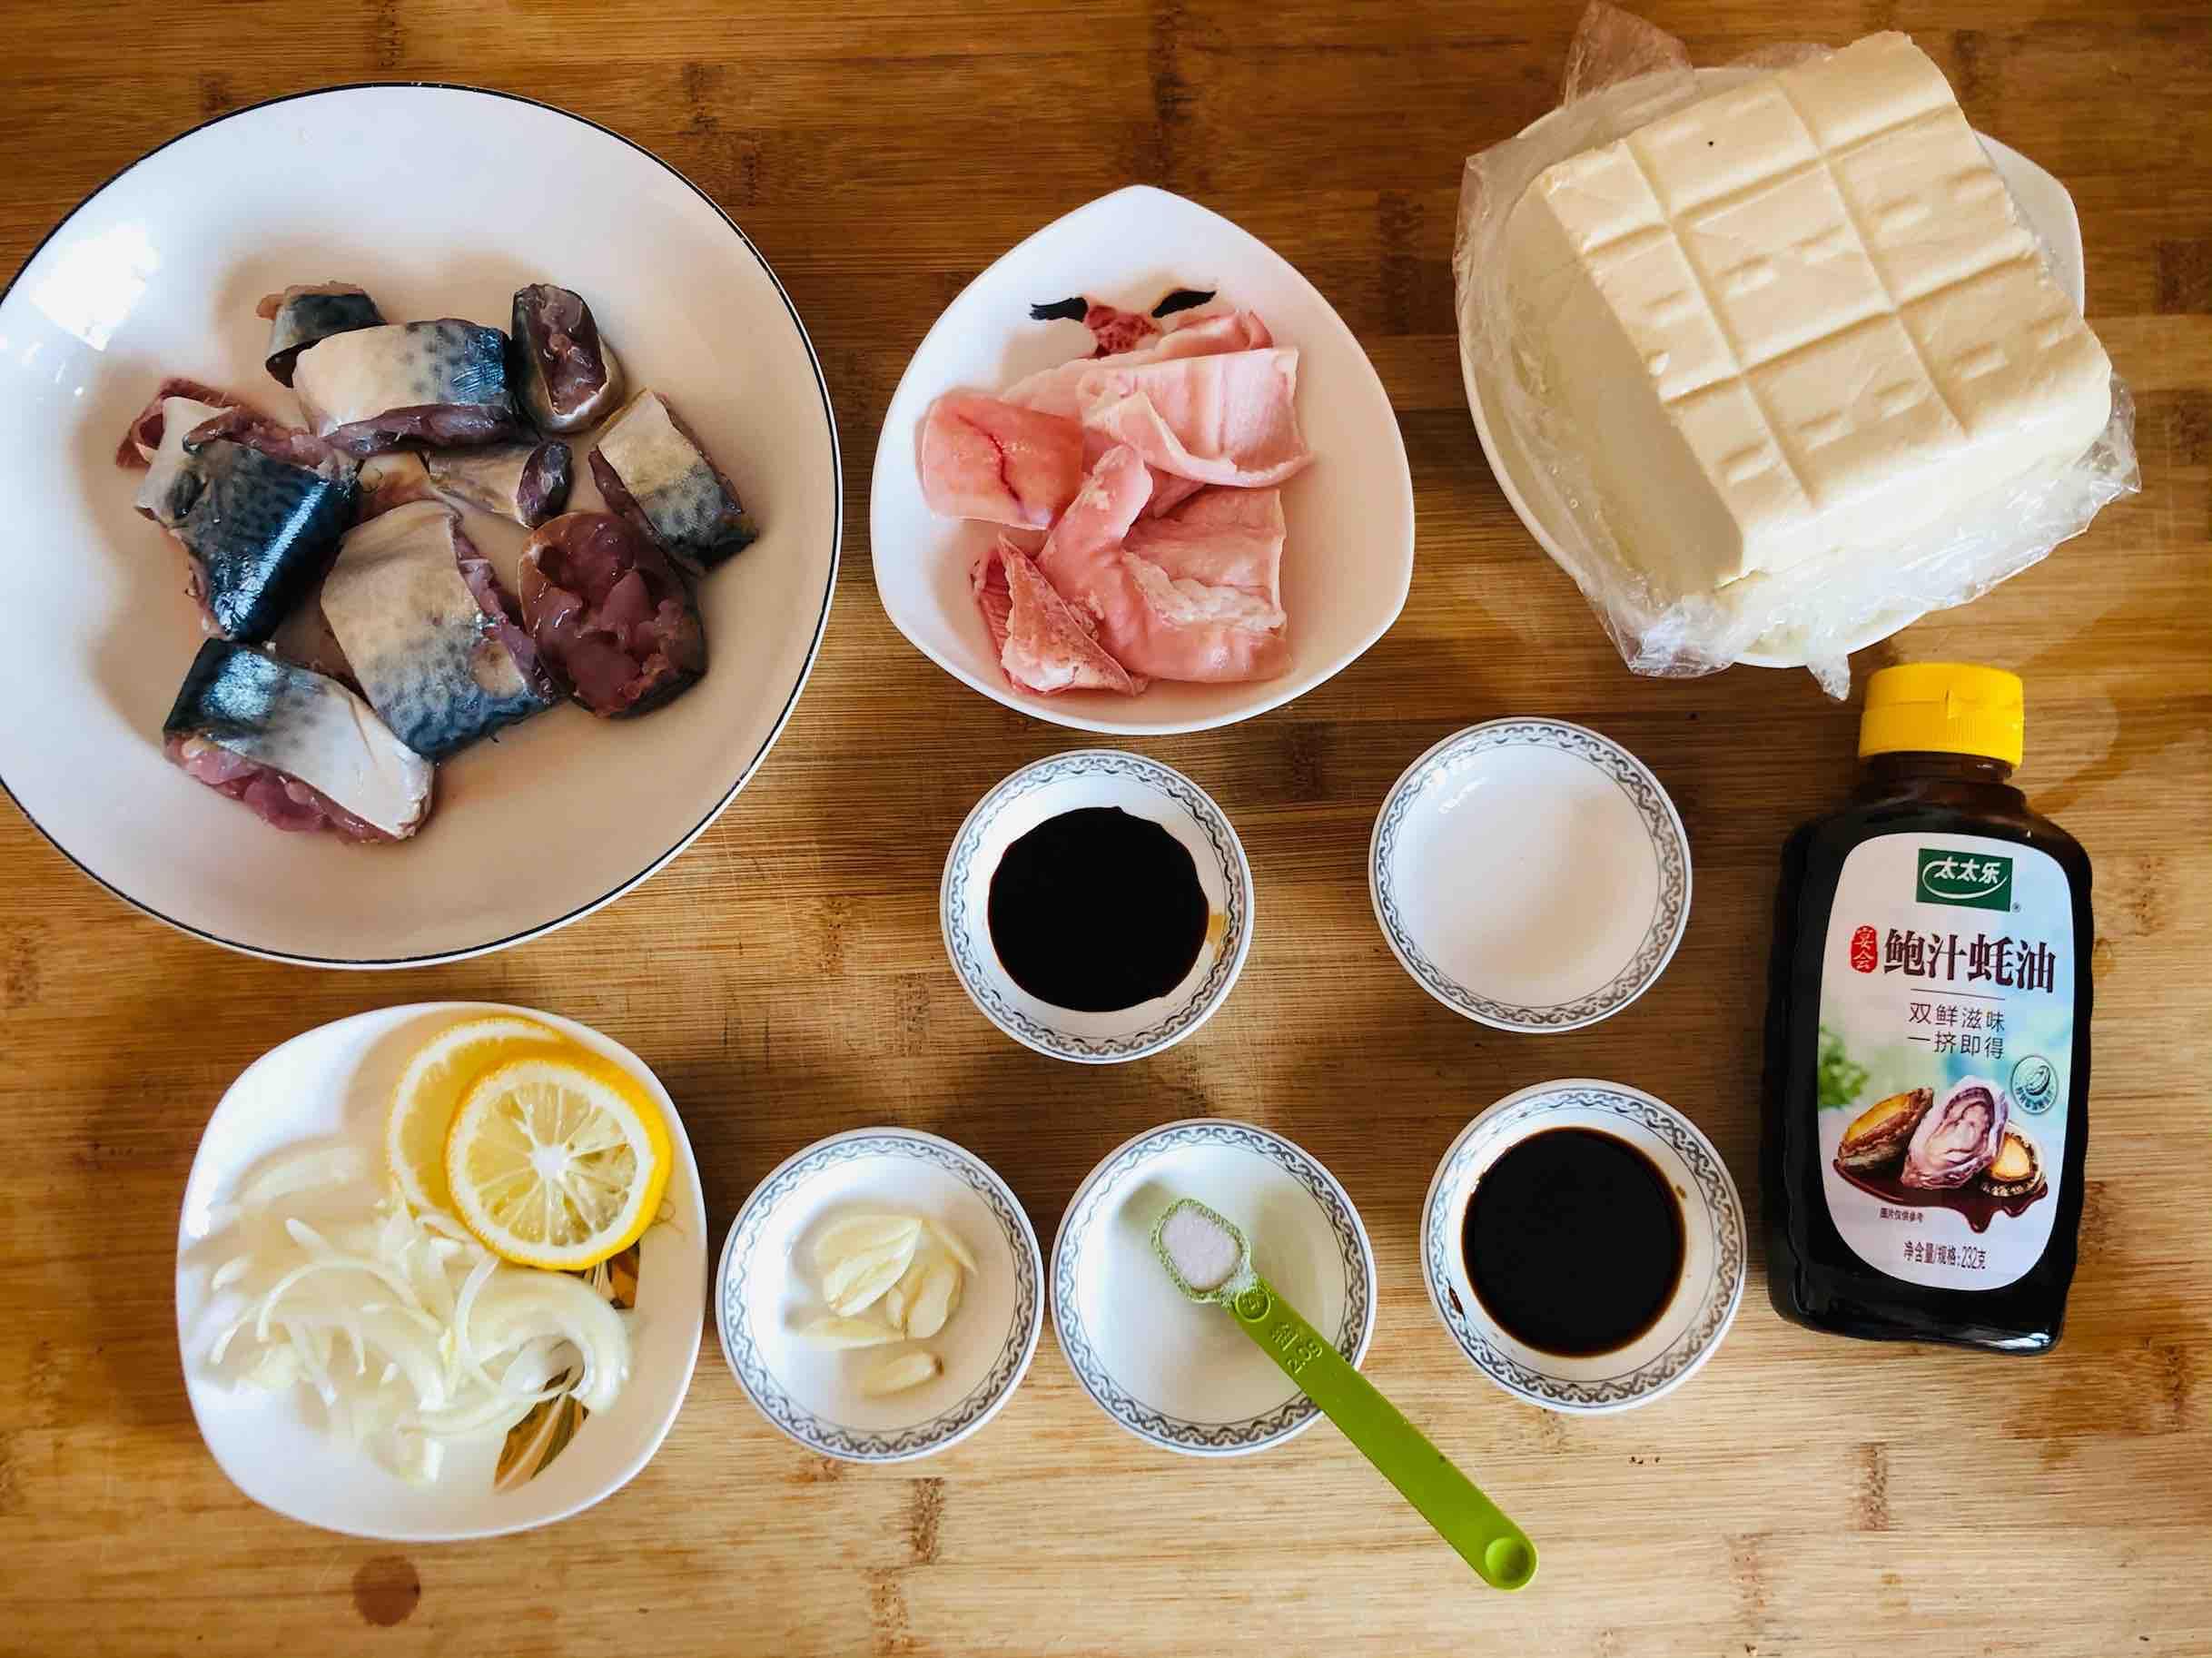 鲅鱼炖豆腐的做法大全